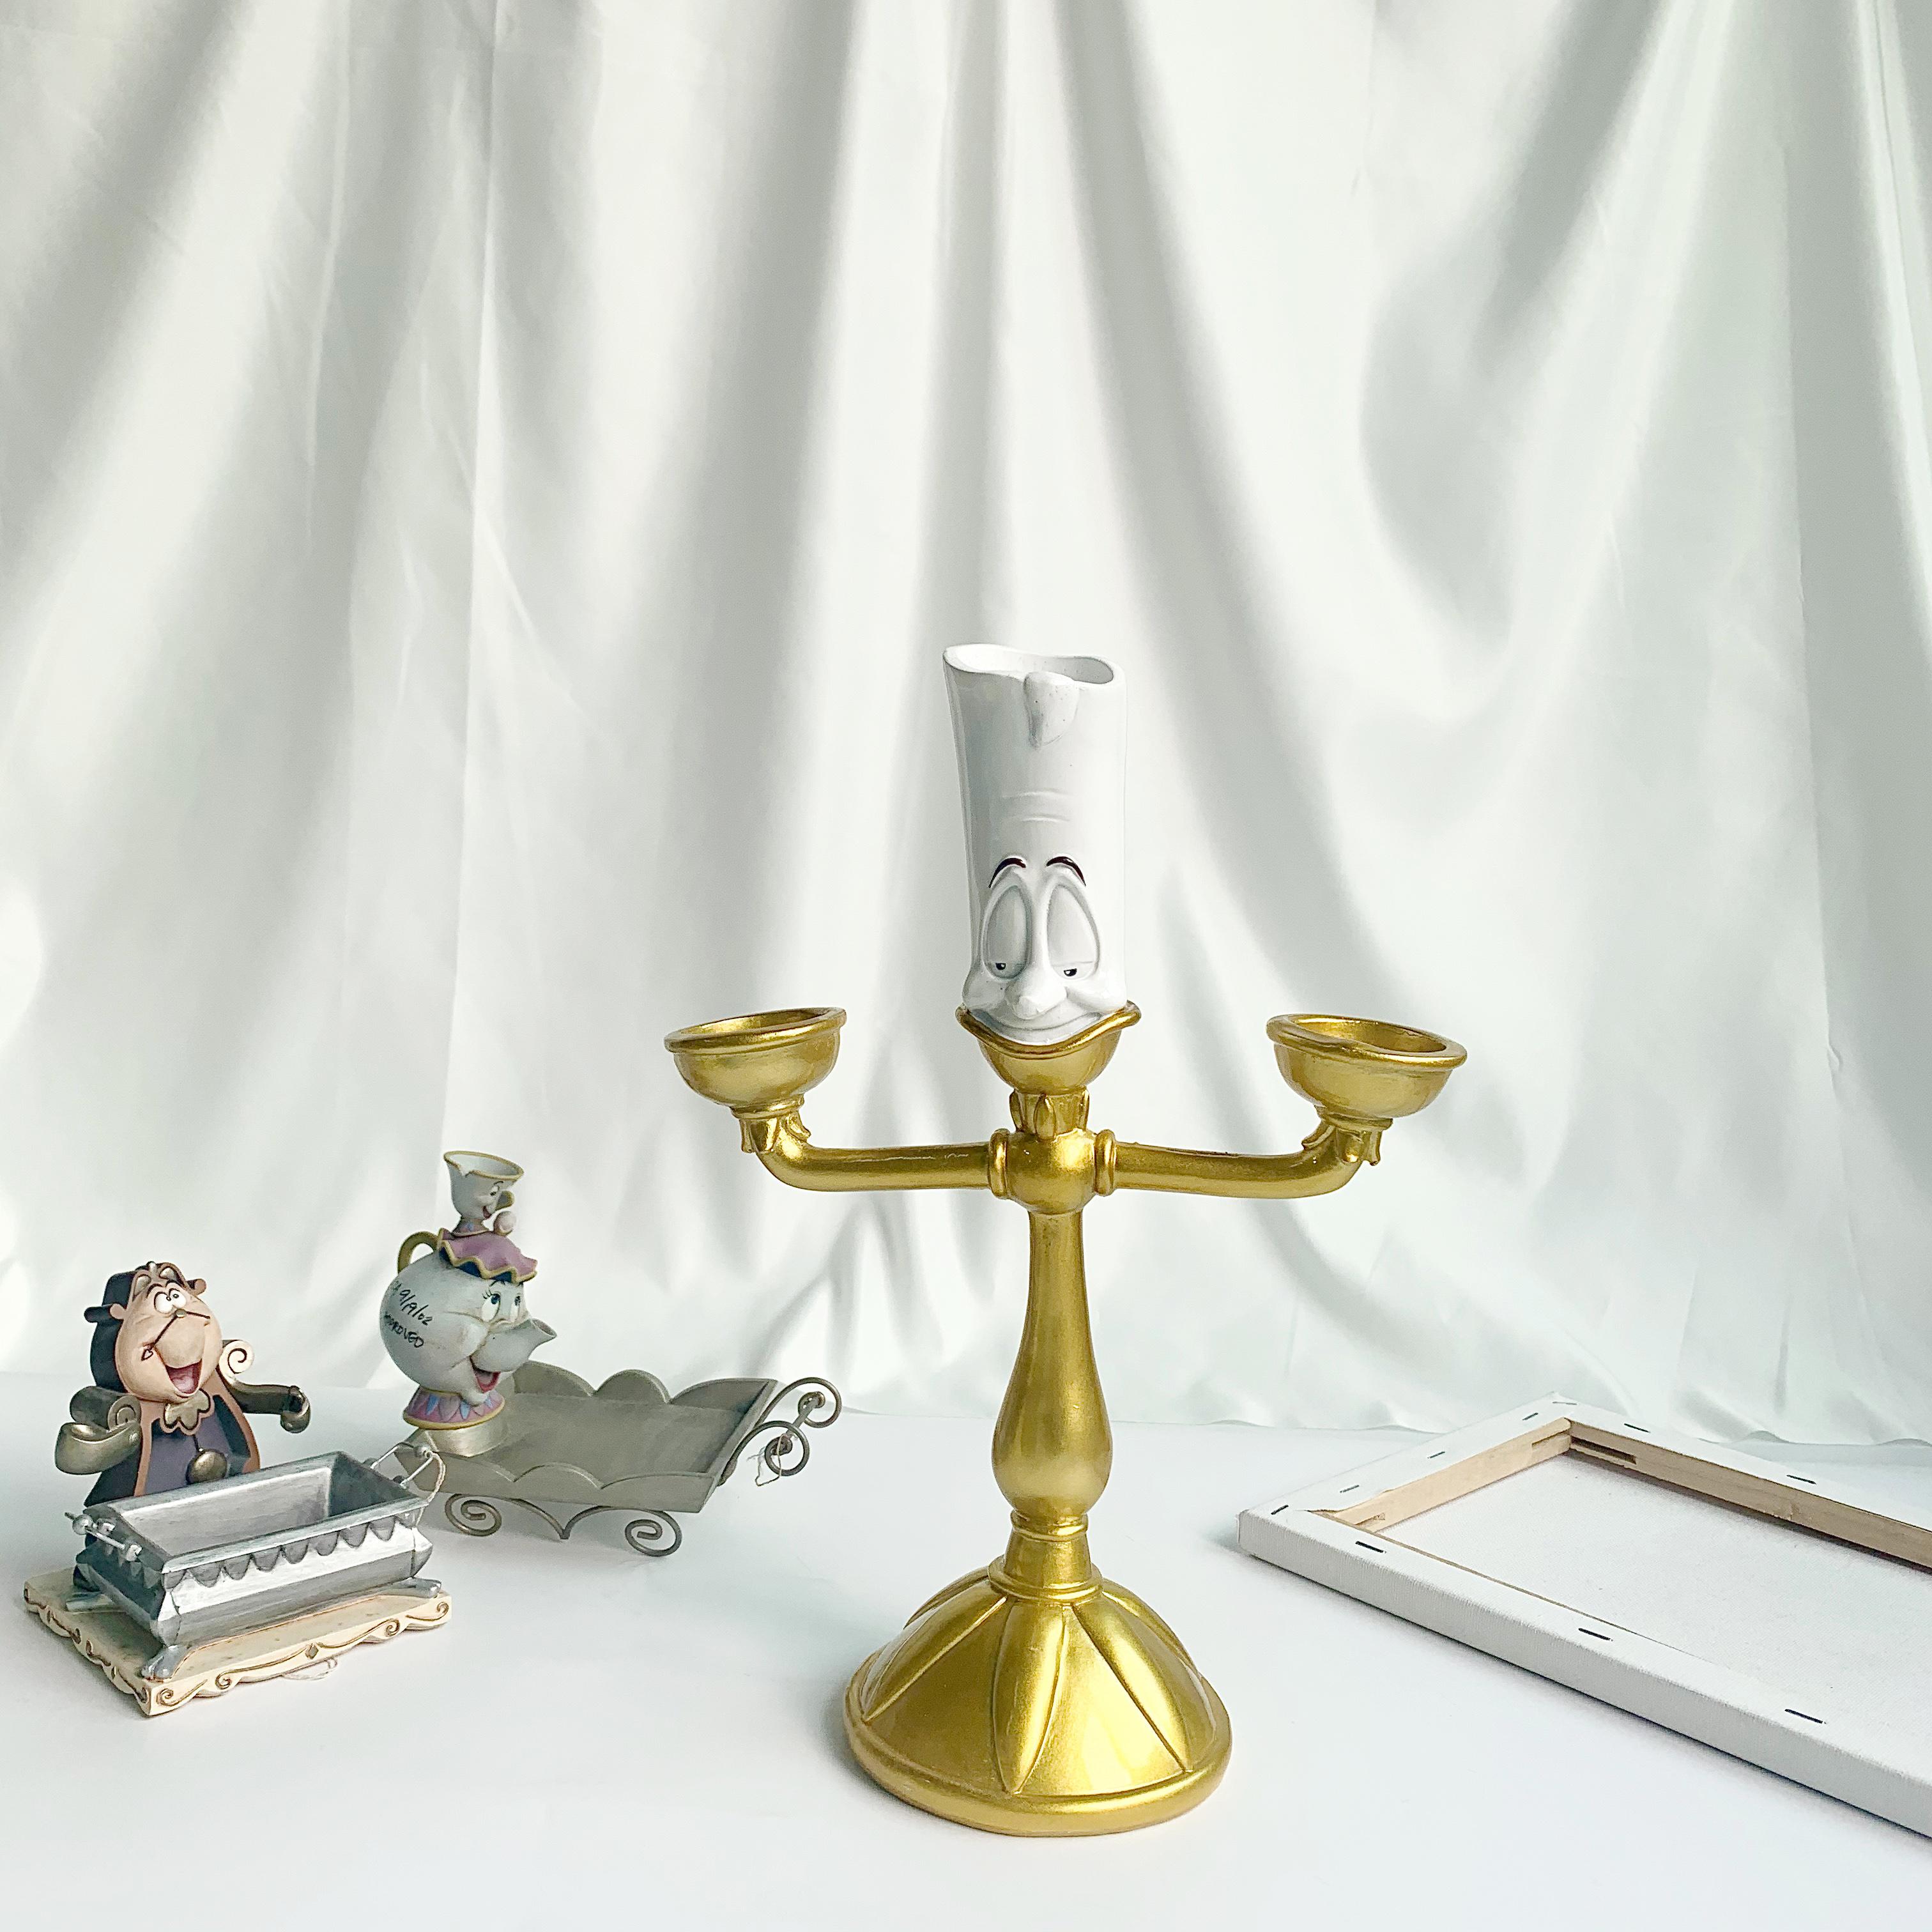 美女与野兽烛台卢米亚Lumiere烛台家居卧室房间装饰摆件生日礼物